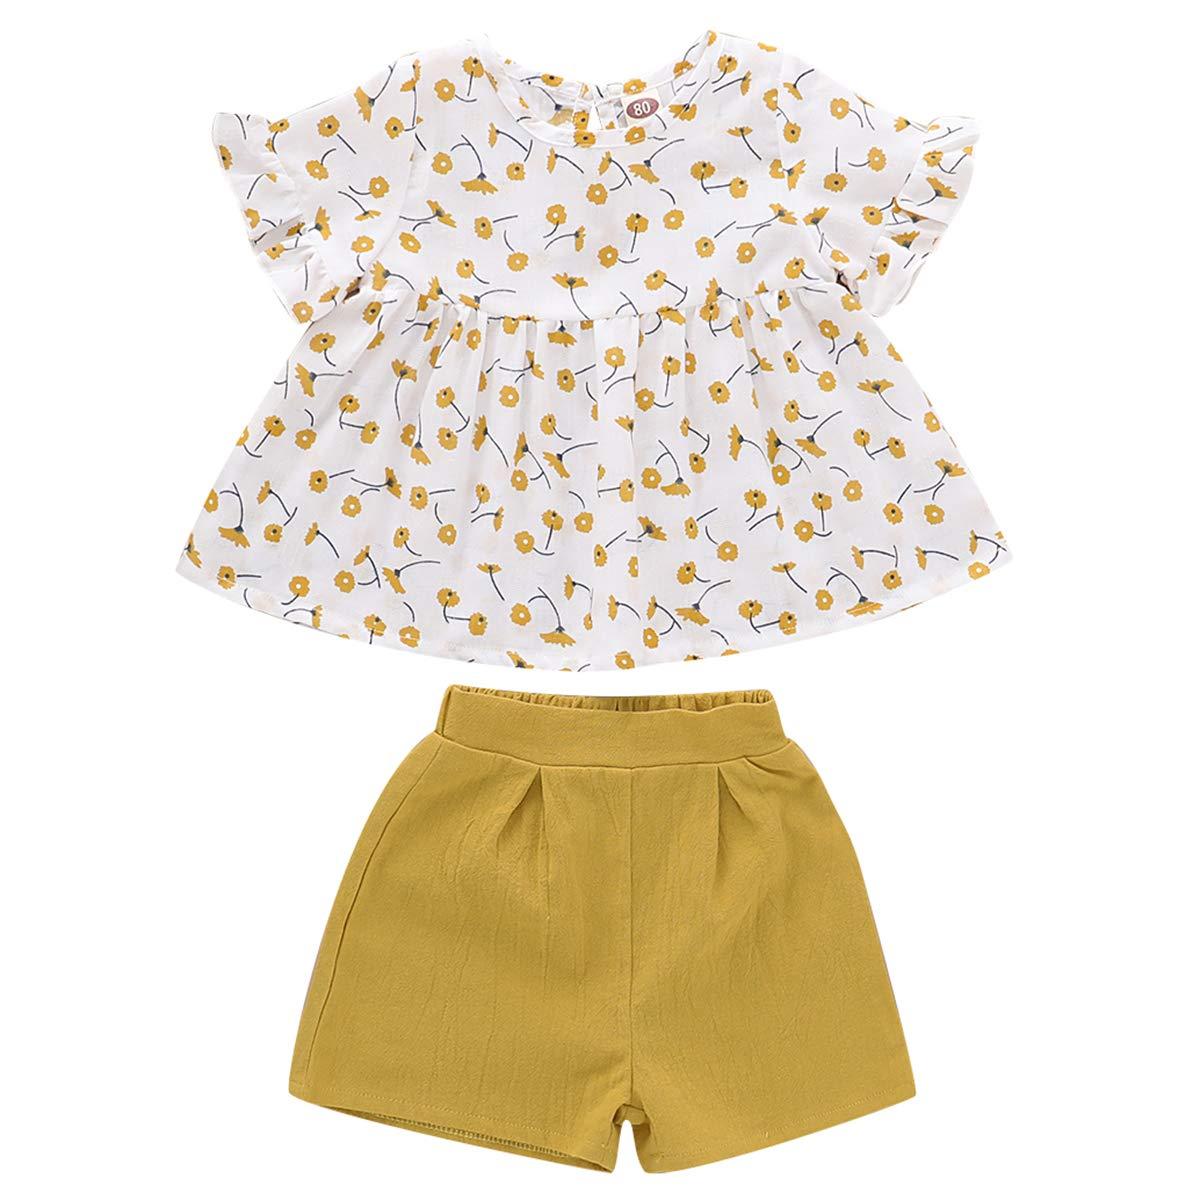 Pantaloncini Gialli 2 Pezzi DaMohony Completo da Bambina a Maniche Corte con Motivo Floreale